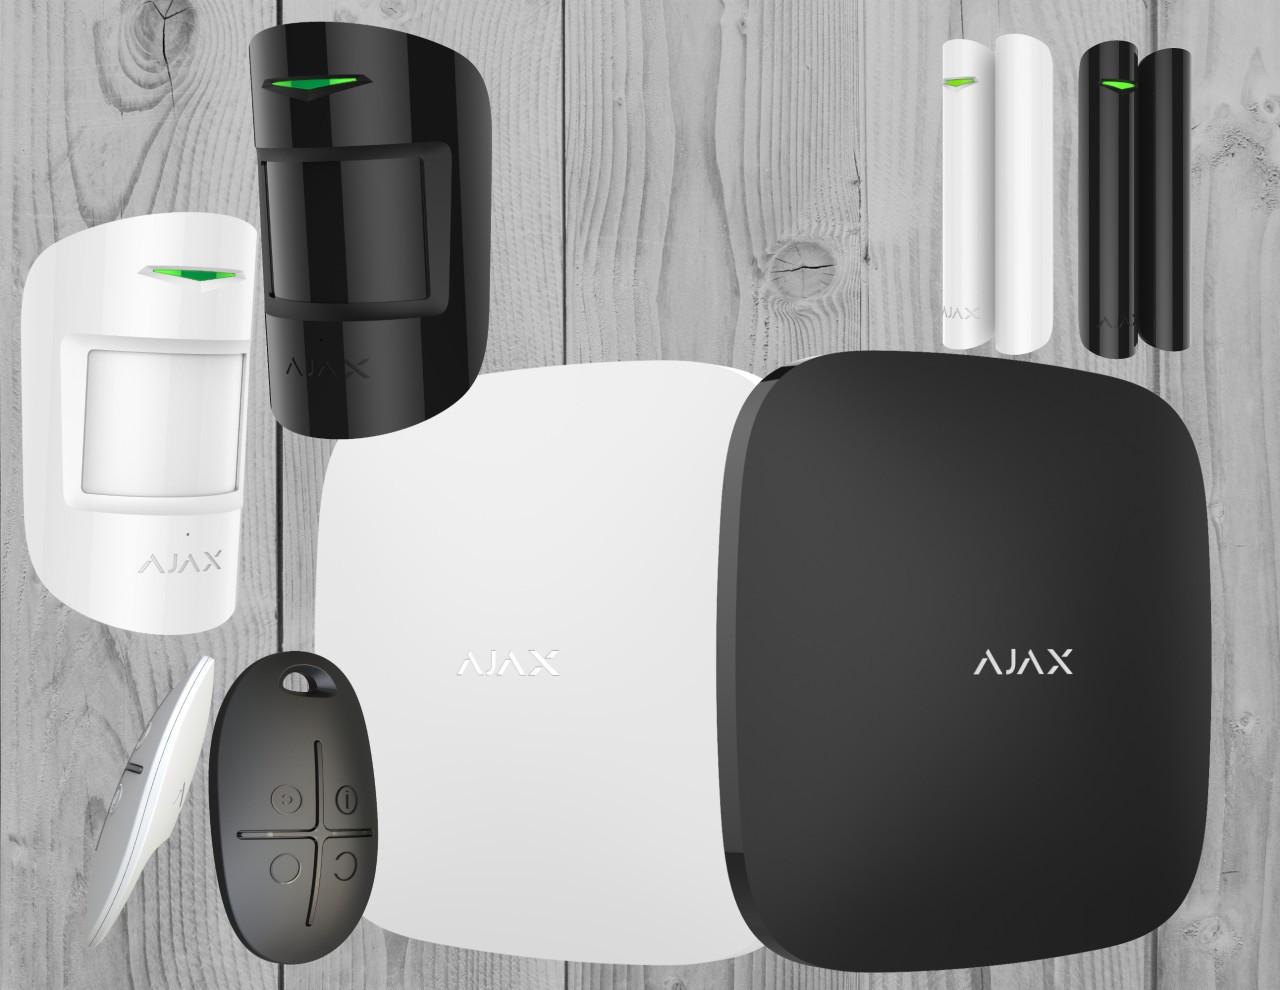 Комплект беспроводной GSM сигнализации Ajax StarterKit (белый, черный), фото 1